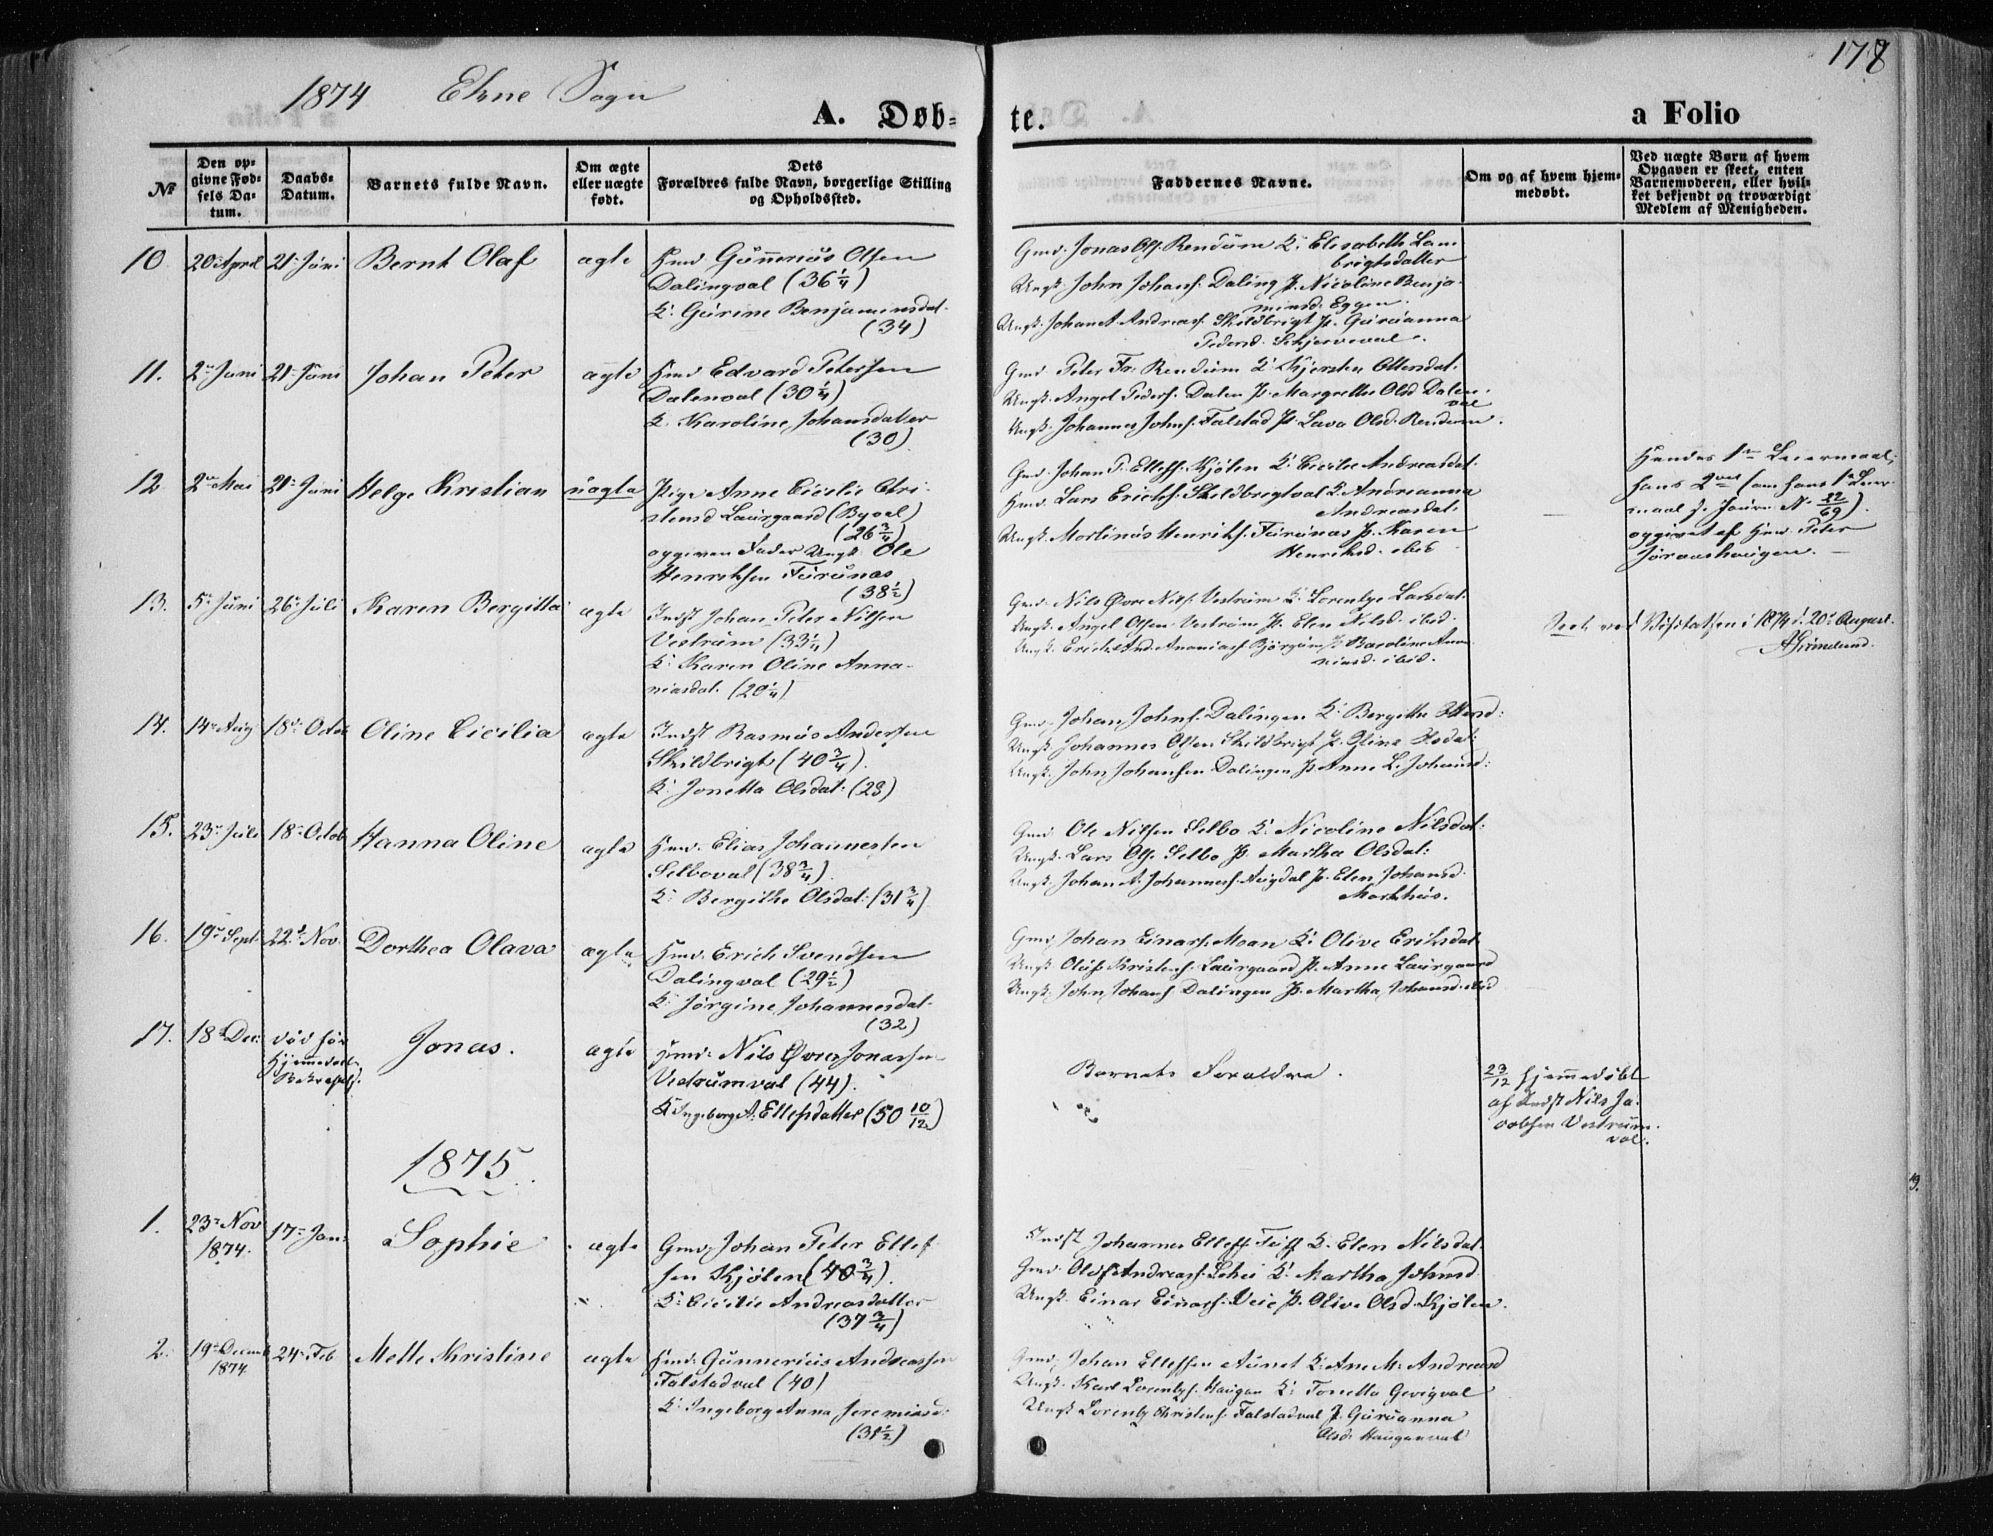 SAT, Ministerialprotokoller, klokkerbøker og fødselsregistre - Nord-Trøndelag, 717/L0158: Ministerialbok nr. 717A08 /2, 1863-1877, s. 178